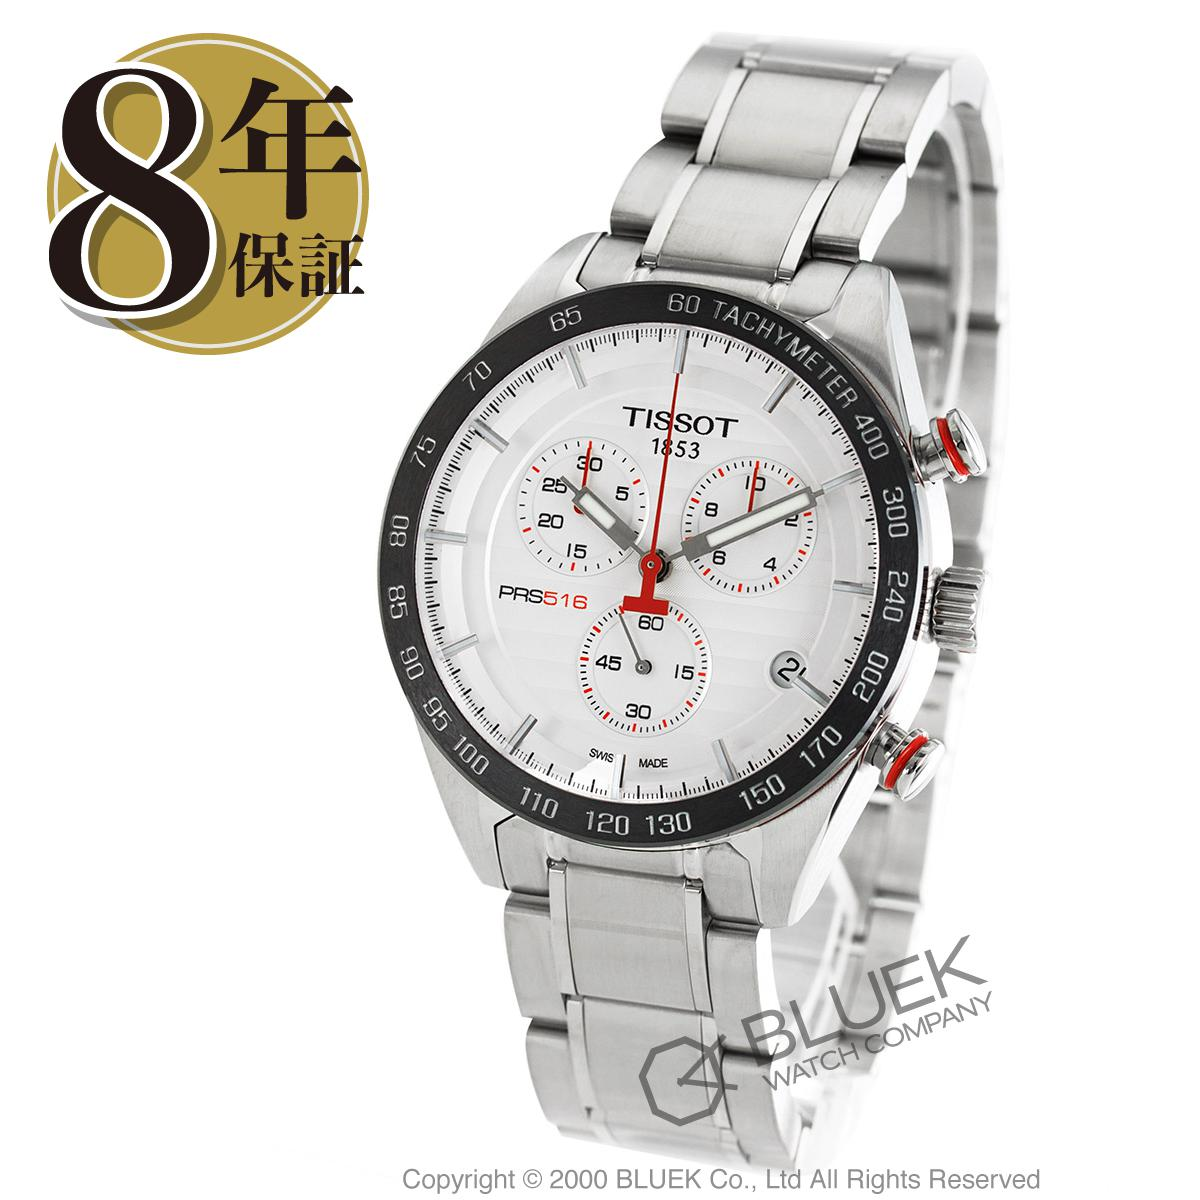 ティソ T-スポーツ PRS516 クロノグラフ 腕時計 メンズ TISSOT T100.417.11.031.00_8